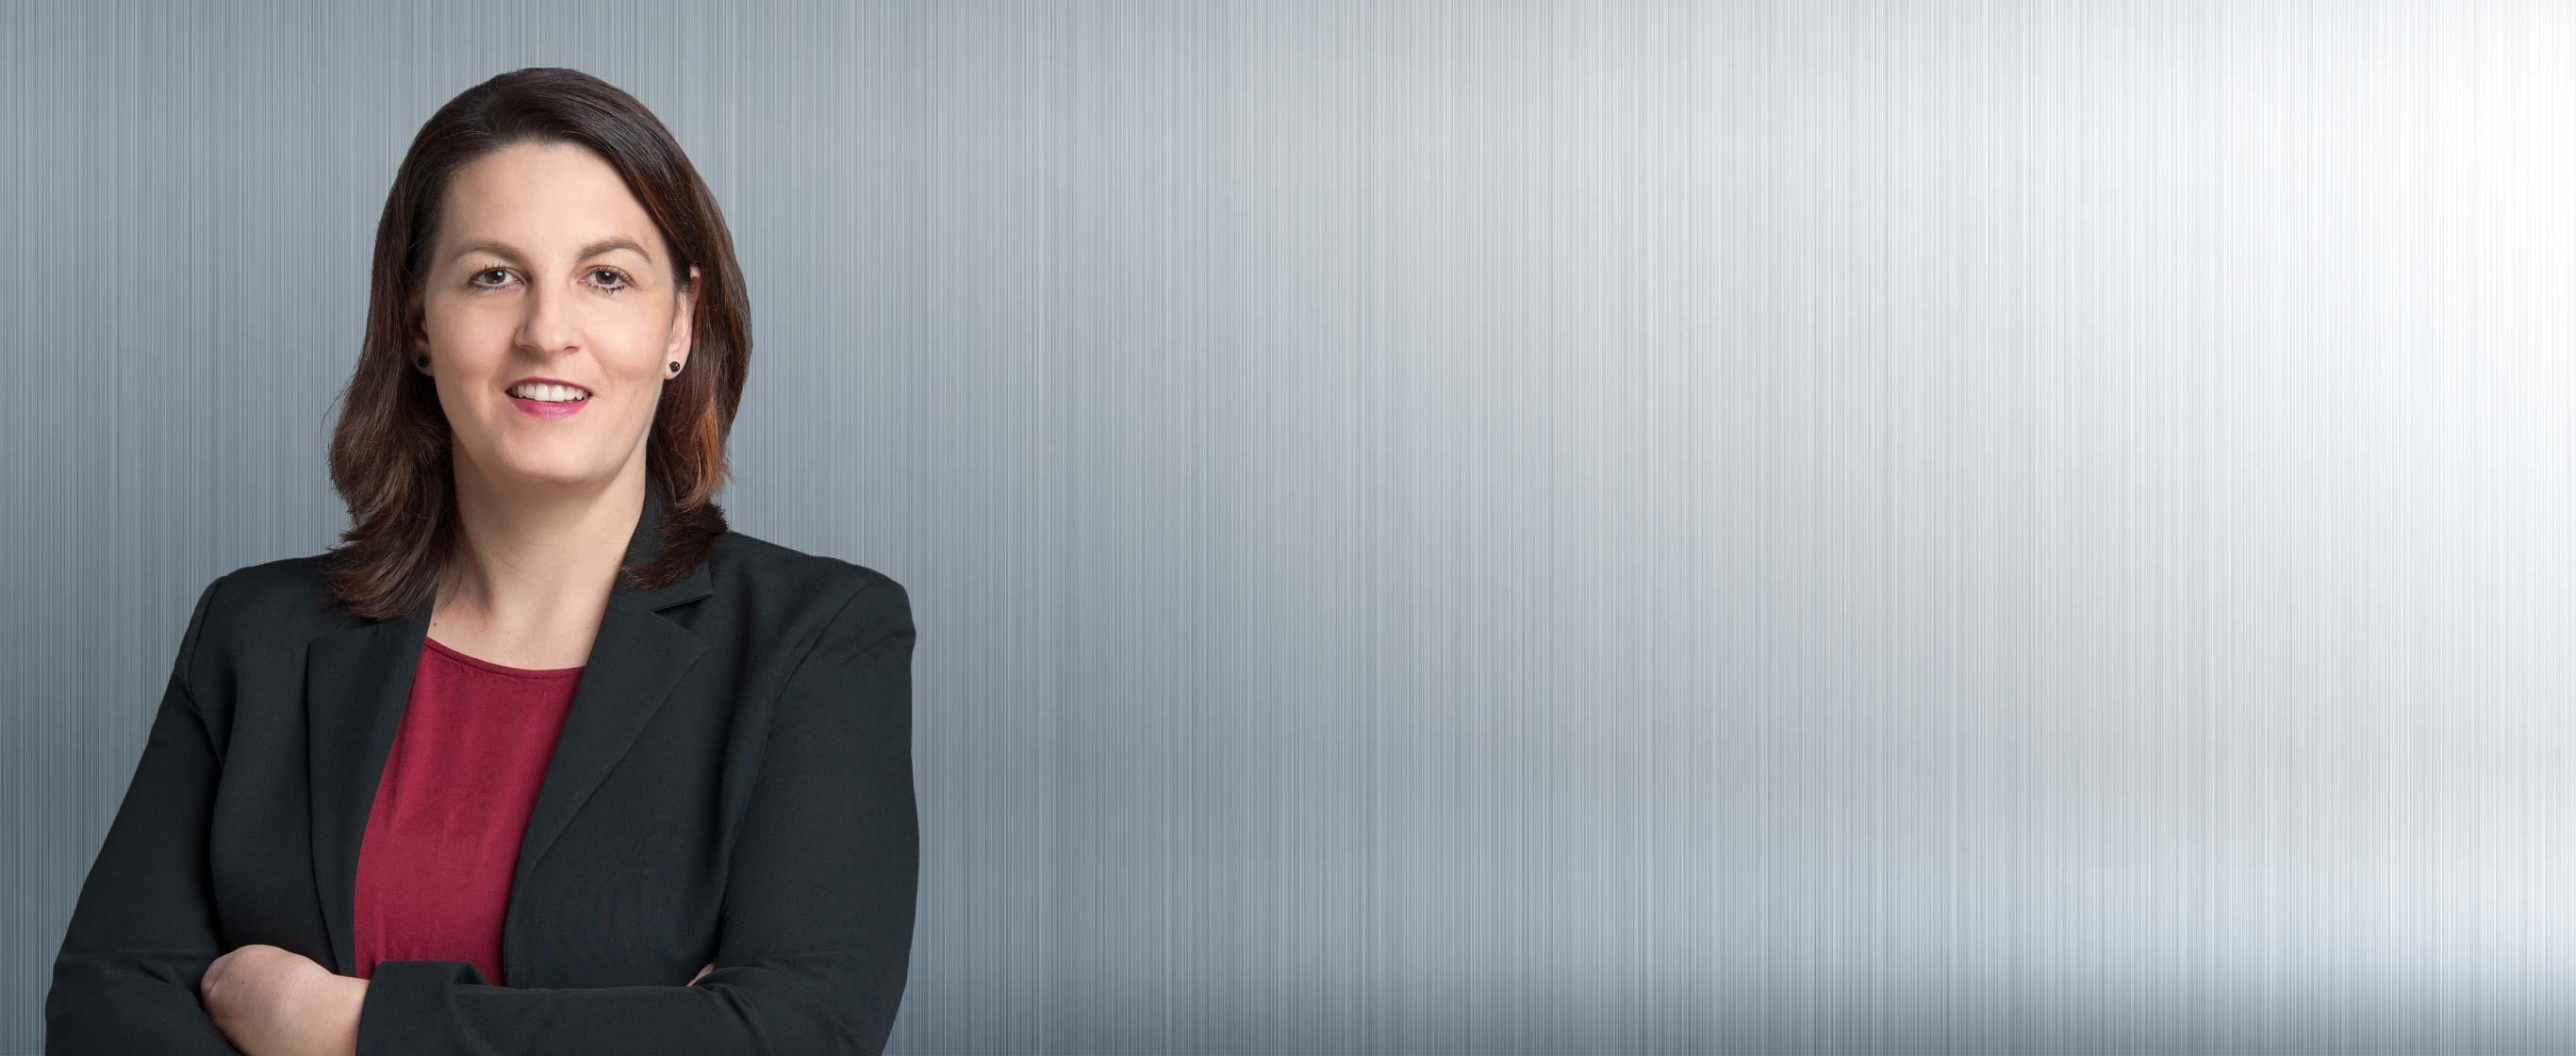 Ingrid Schiller, Geschäftsführerin | Schiller Burgebrach - MEISTER DER ELEMENTE